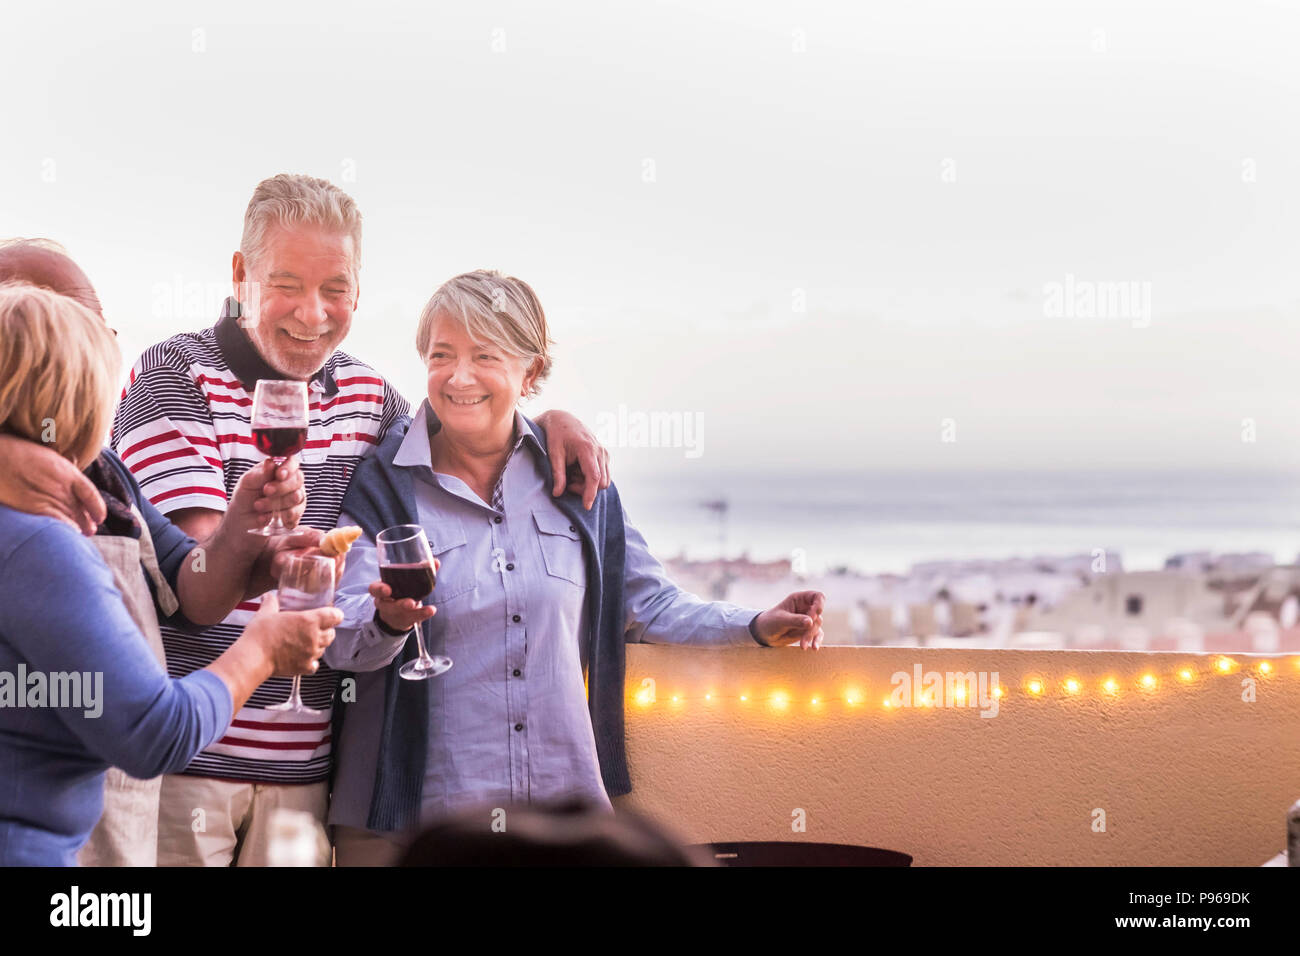 Celebración de eventos al aire libre para un grupo de personas adultas. drkinking vino en la terraza de la azotea con bonitas vistas sobre el estilo de vida feliz togethe antecedentes. Imagen De Stock